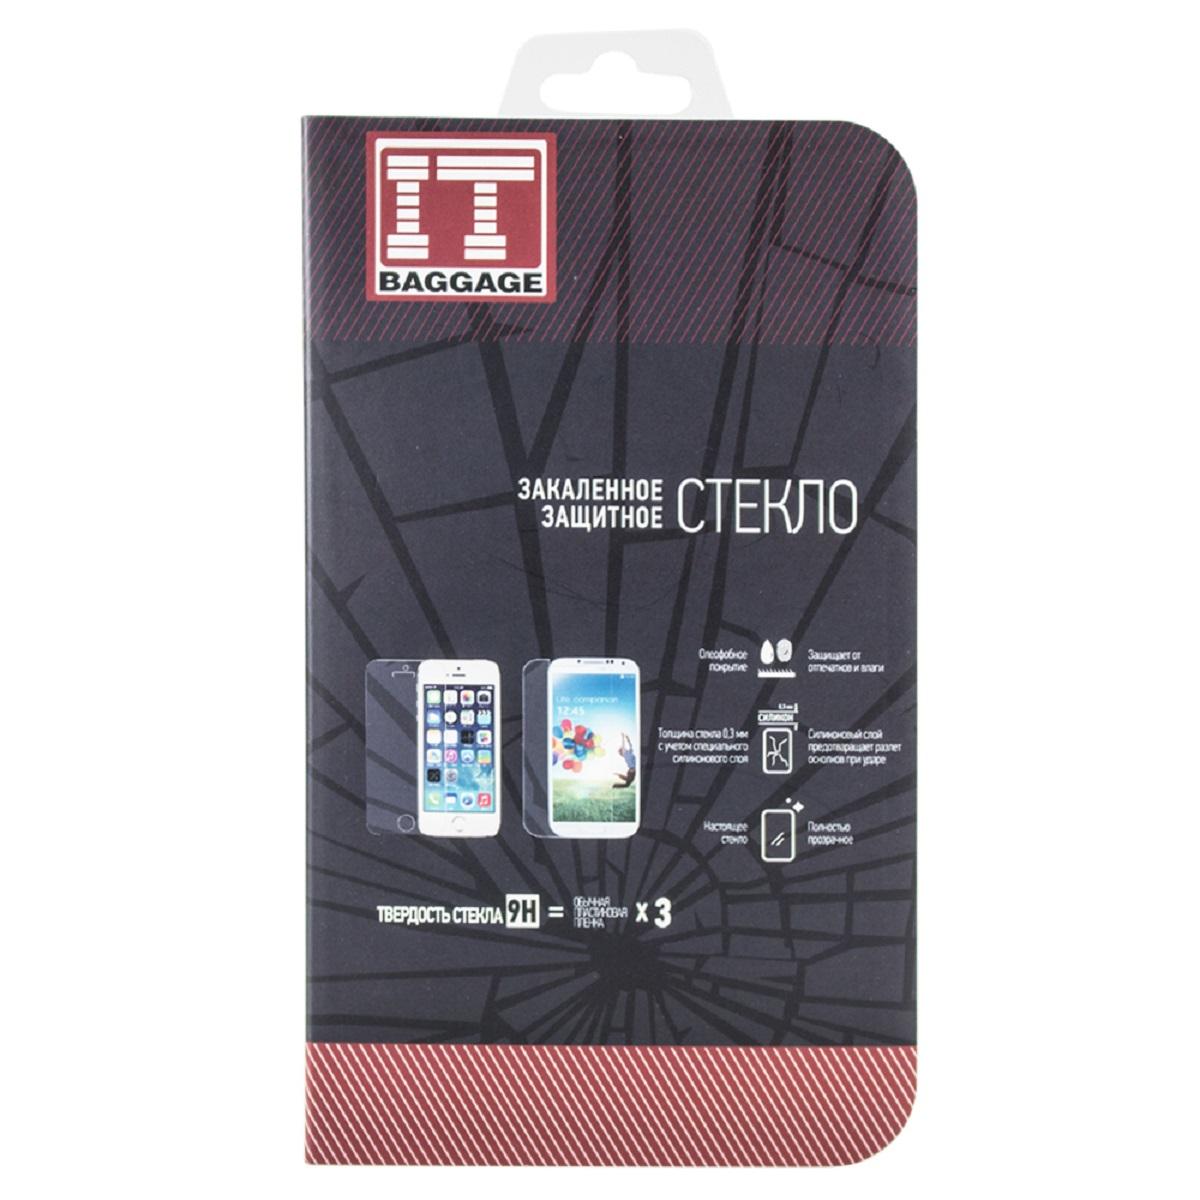 IT Baggage защитное стекло для Lenovo A2010-AITLNA2010AGЗакаленное стекло IT Baggage для Lenovo A2010-A - это самый верный способ защитить экран от повреждений и загрязнений. Обладает высочайшим уровнем прозрачности и совершенно не влияет на отклик экранного сенсора и качество изображения. Препятствует появлению отпечатков и пятен. Удалить следы жира и косметики с поверхности аксессуара не составить ни какого труда. Характеристики защитного стекла делают его износостойким к таким механическим повреждениям, как царапины, сколы, потертости. При сильном ударе разбившееся стекло не разлетается на осколки, предохраняя вас от порезов, а экран устройства от повреждений. После снятия защитного стекла с поверхности дисплея, на нем не остаются повреждения, такие как потертости и царапины.